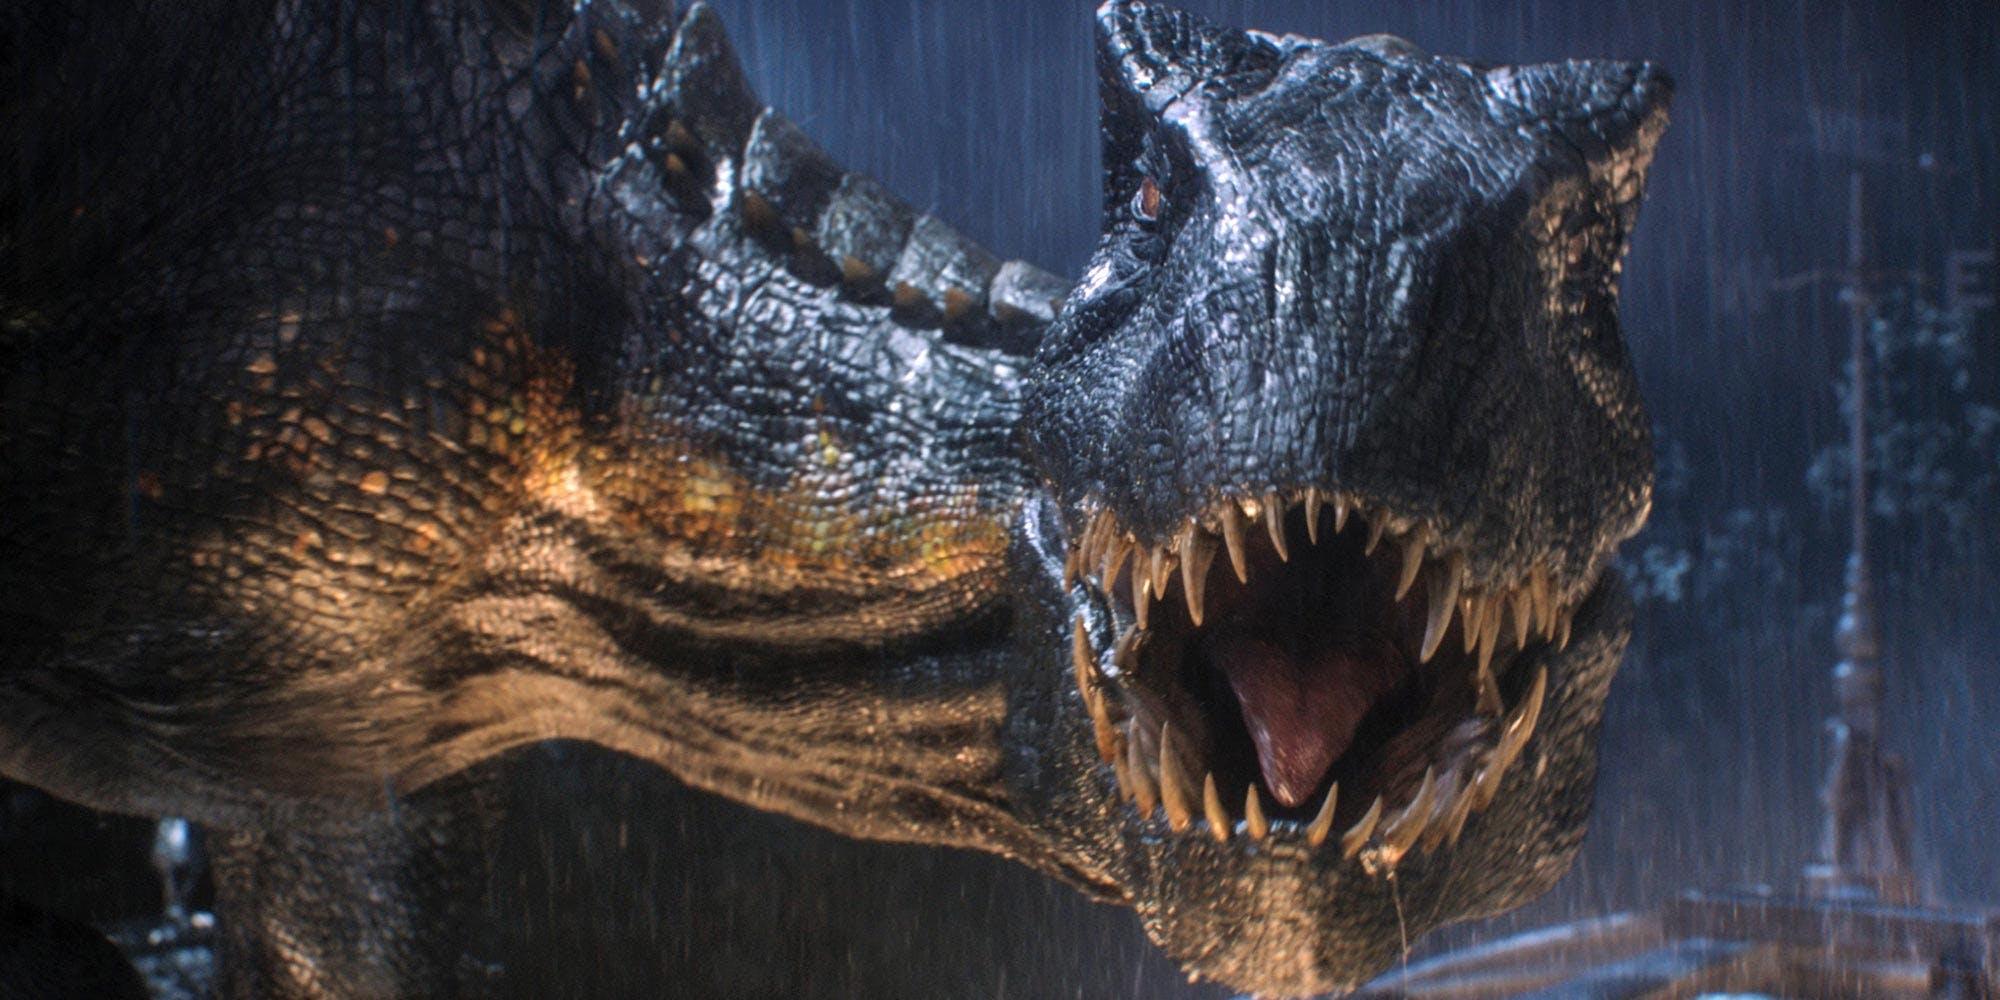 jurassic world: fallen kingdom indoraptor